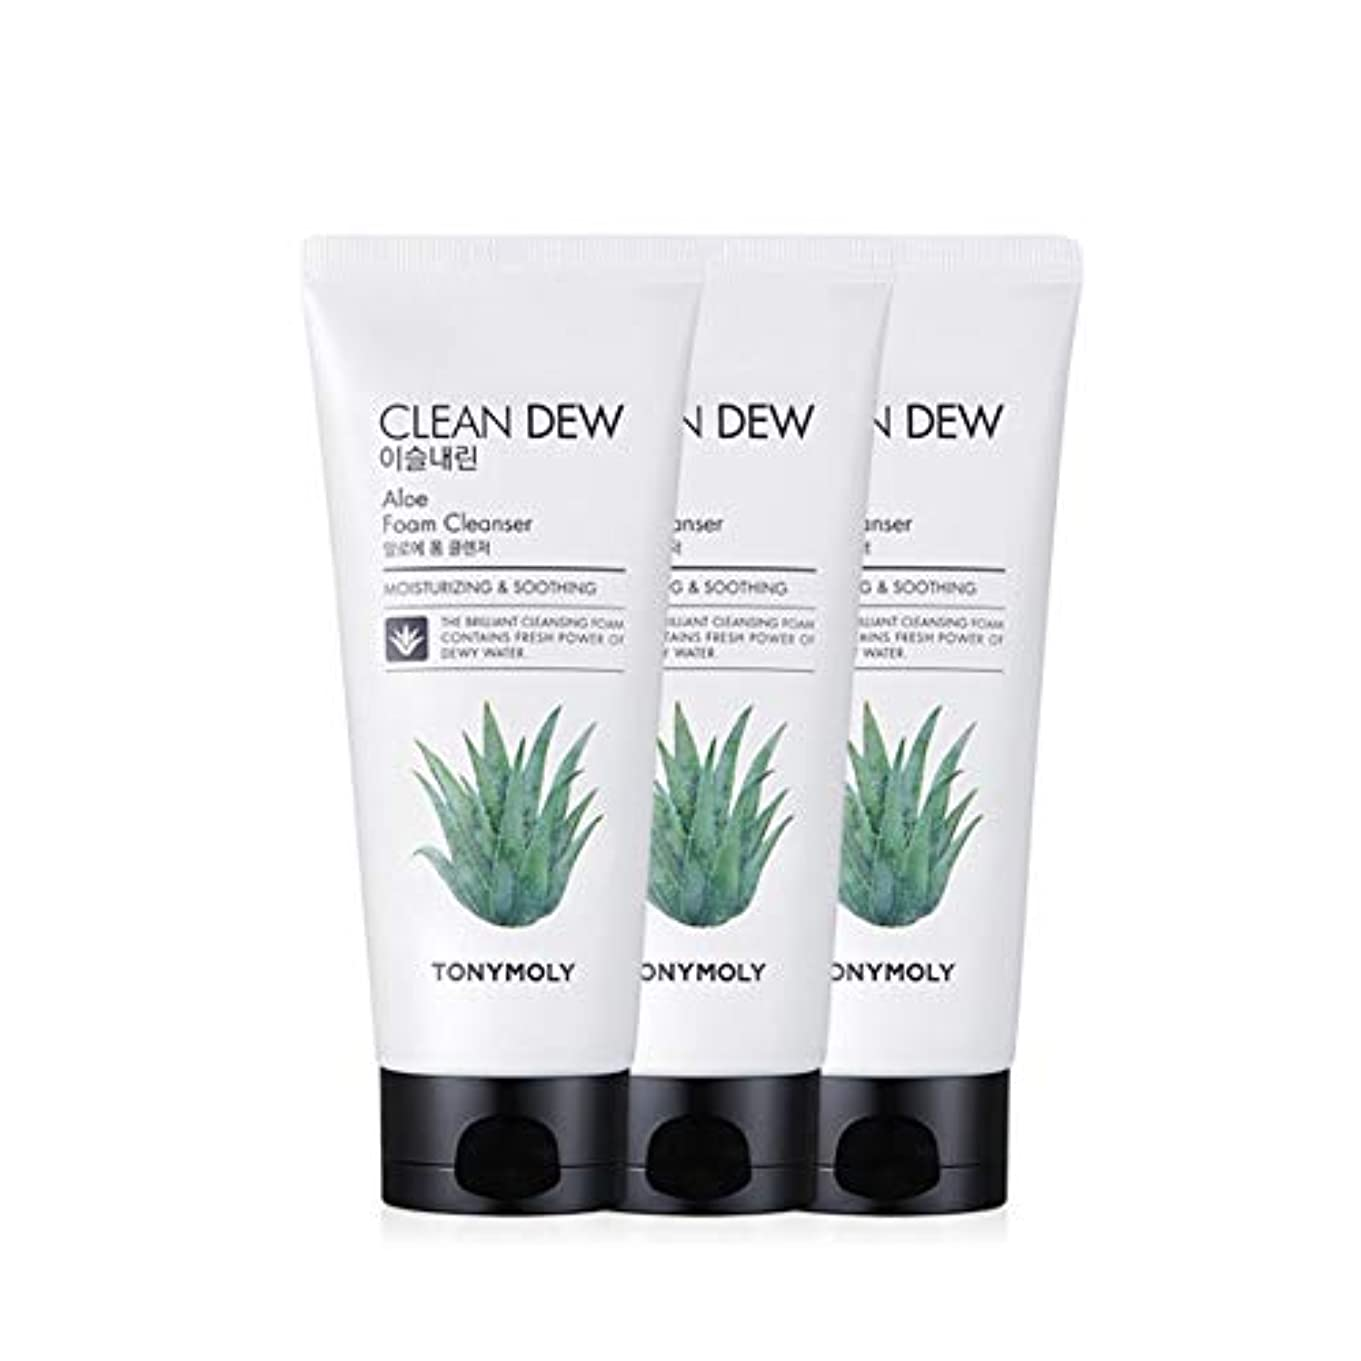 飲み込むキャスト生理トニーモリークリーンデューアロエフォームクレンザー180mlx3本セット韓国コスメ、Tonymoly Clean Dew Aloe Foam Cleanser 180ml x 3ea Set Korean Cosmetics...